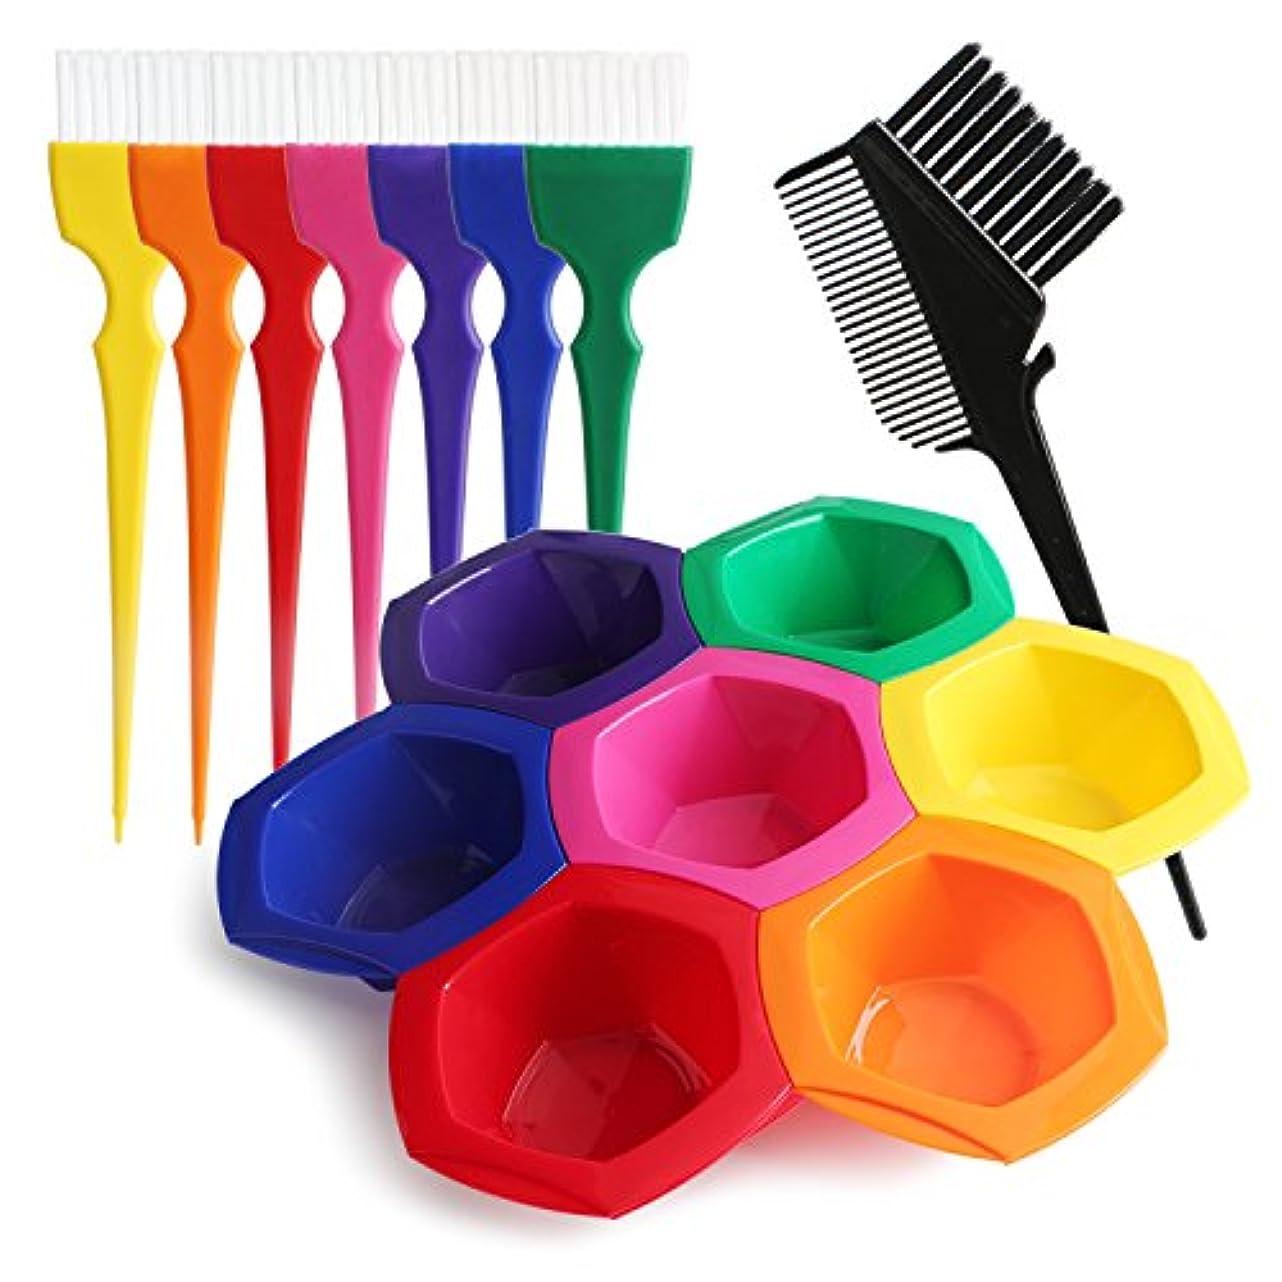 ストレスディレクトリリップSegbeauty DIY/プロの髪染めのセット ヘアカラー用工具 彩色なボウルとブラシのセット 彩色な髪 美髪用